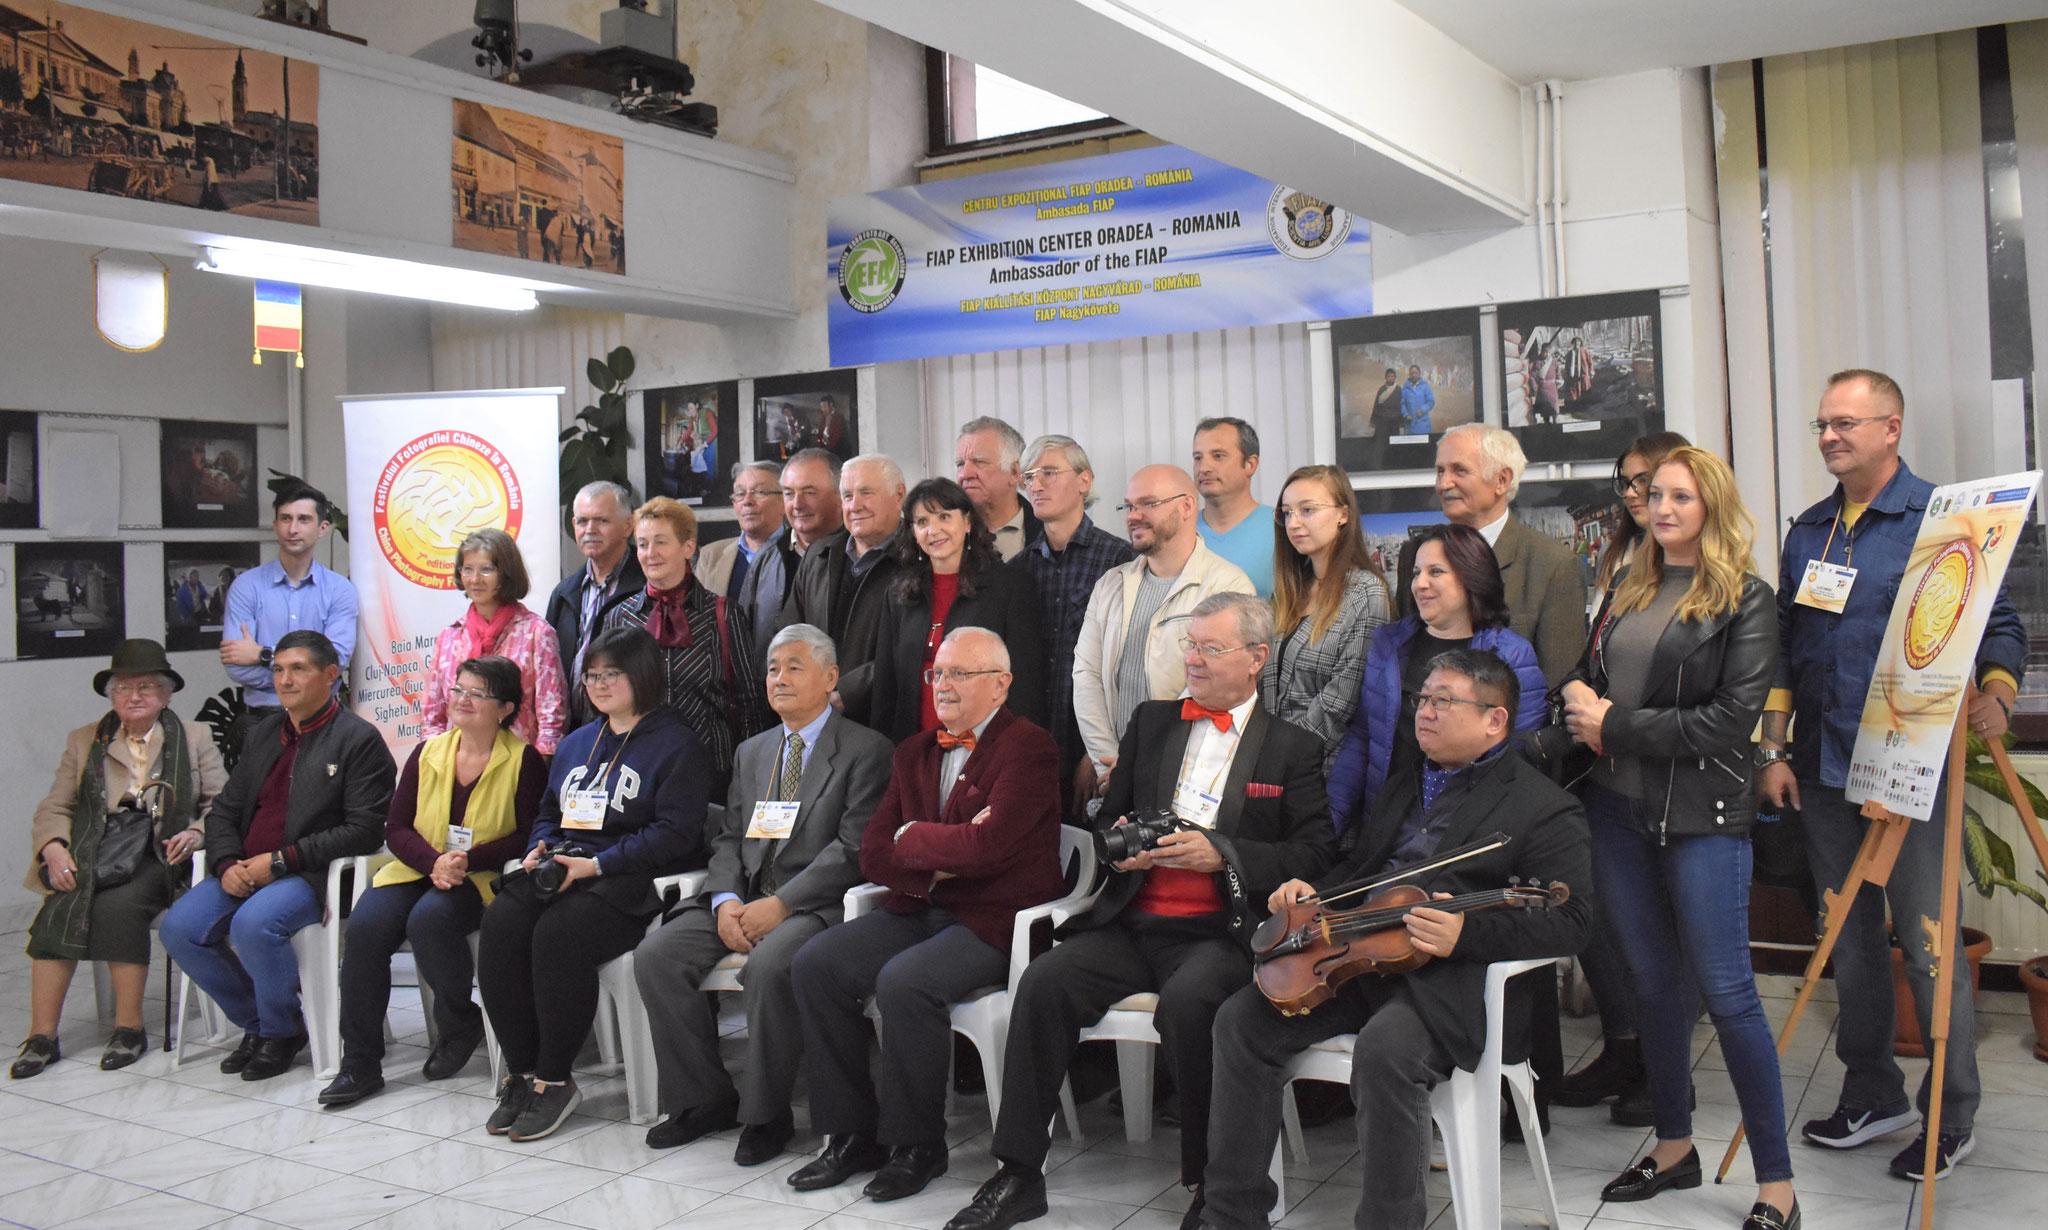 Euro Photo Art Gallery - FIAP Exhibition Center Oradea - Romania